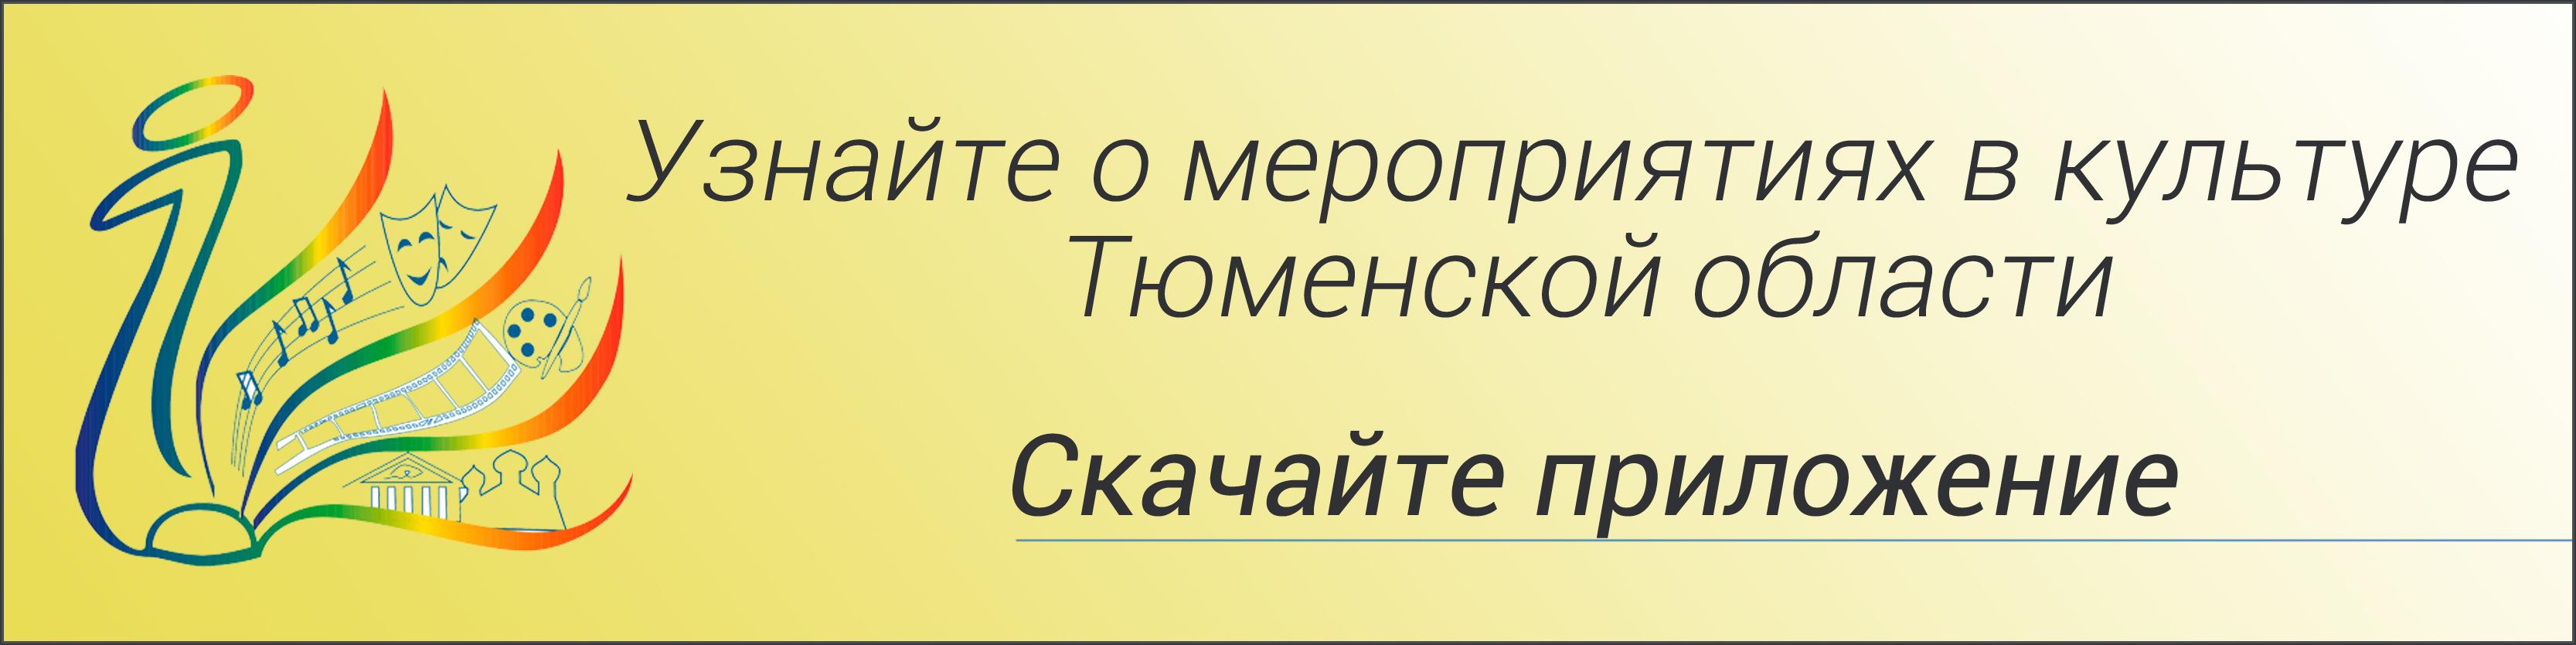 Календарь мероприятий в сфере культуры Тюменской области